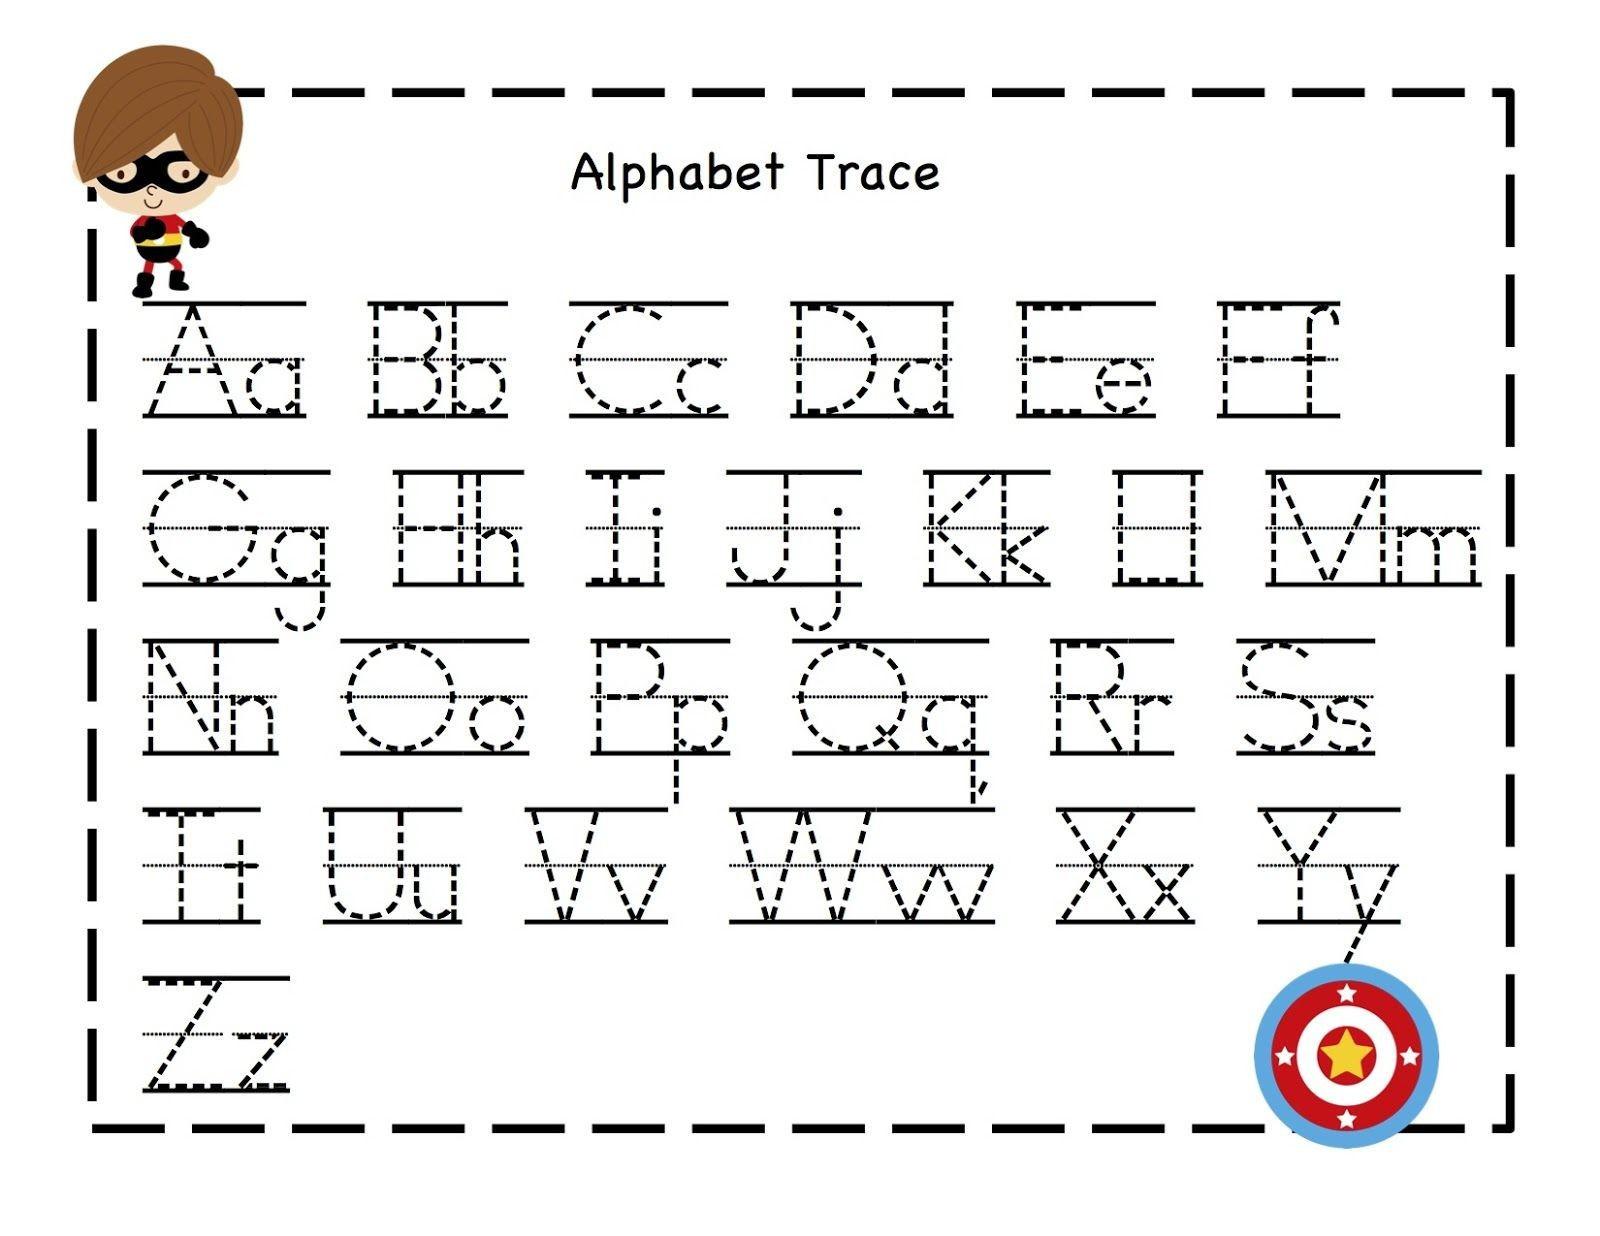 Free Printable Preschool Worksheets Tracing Letters – Worksheet Template - Free Printable Preschool Worksheets Tracing Letters